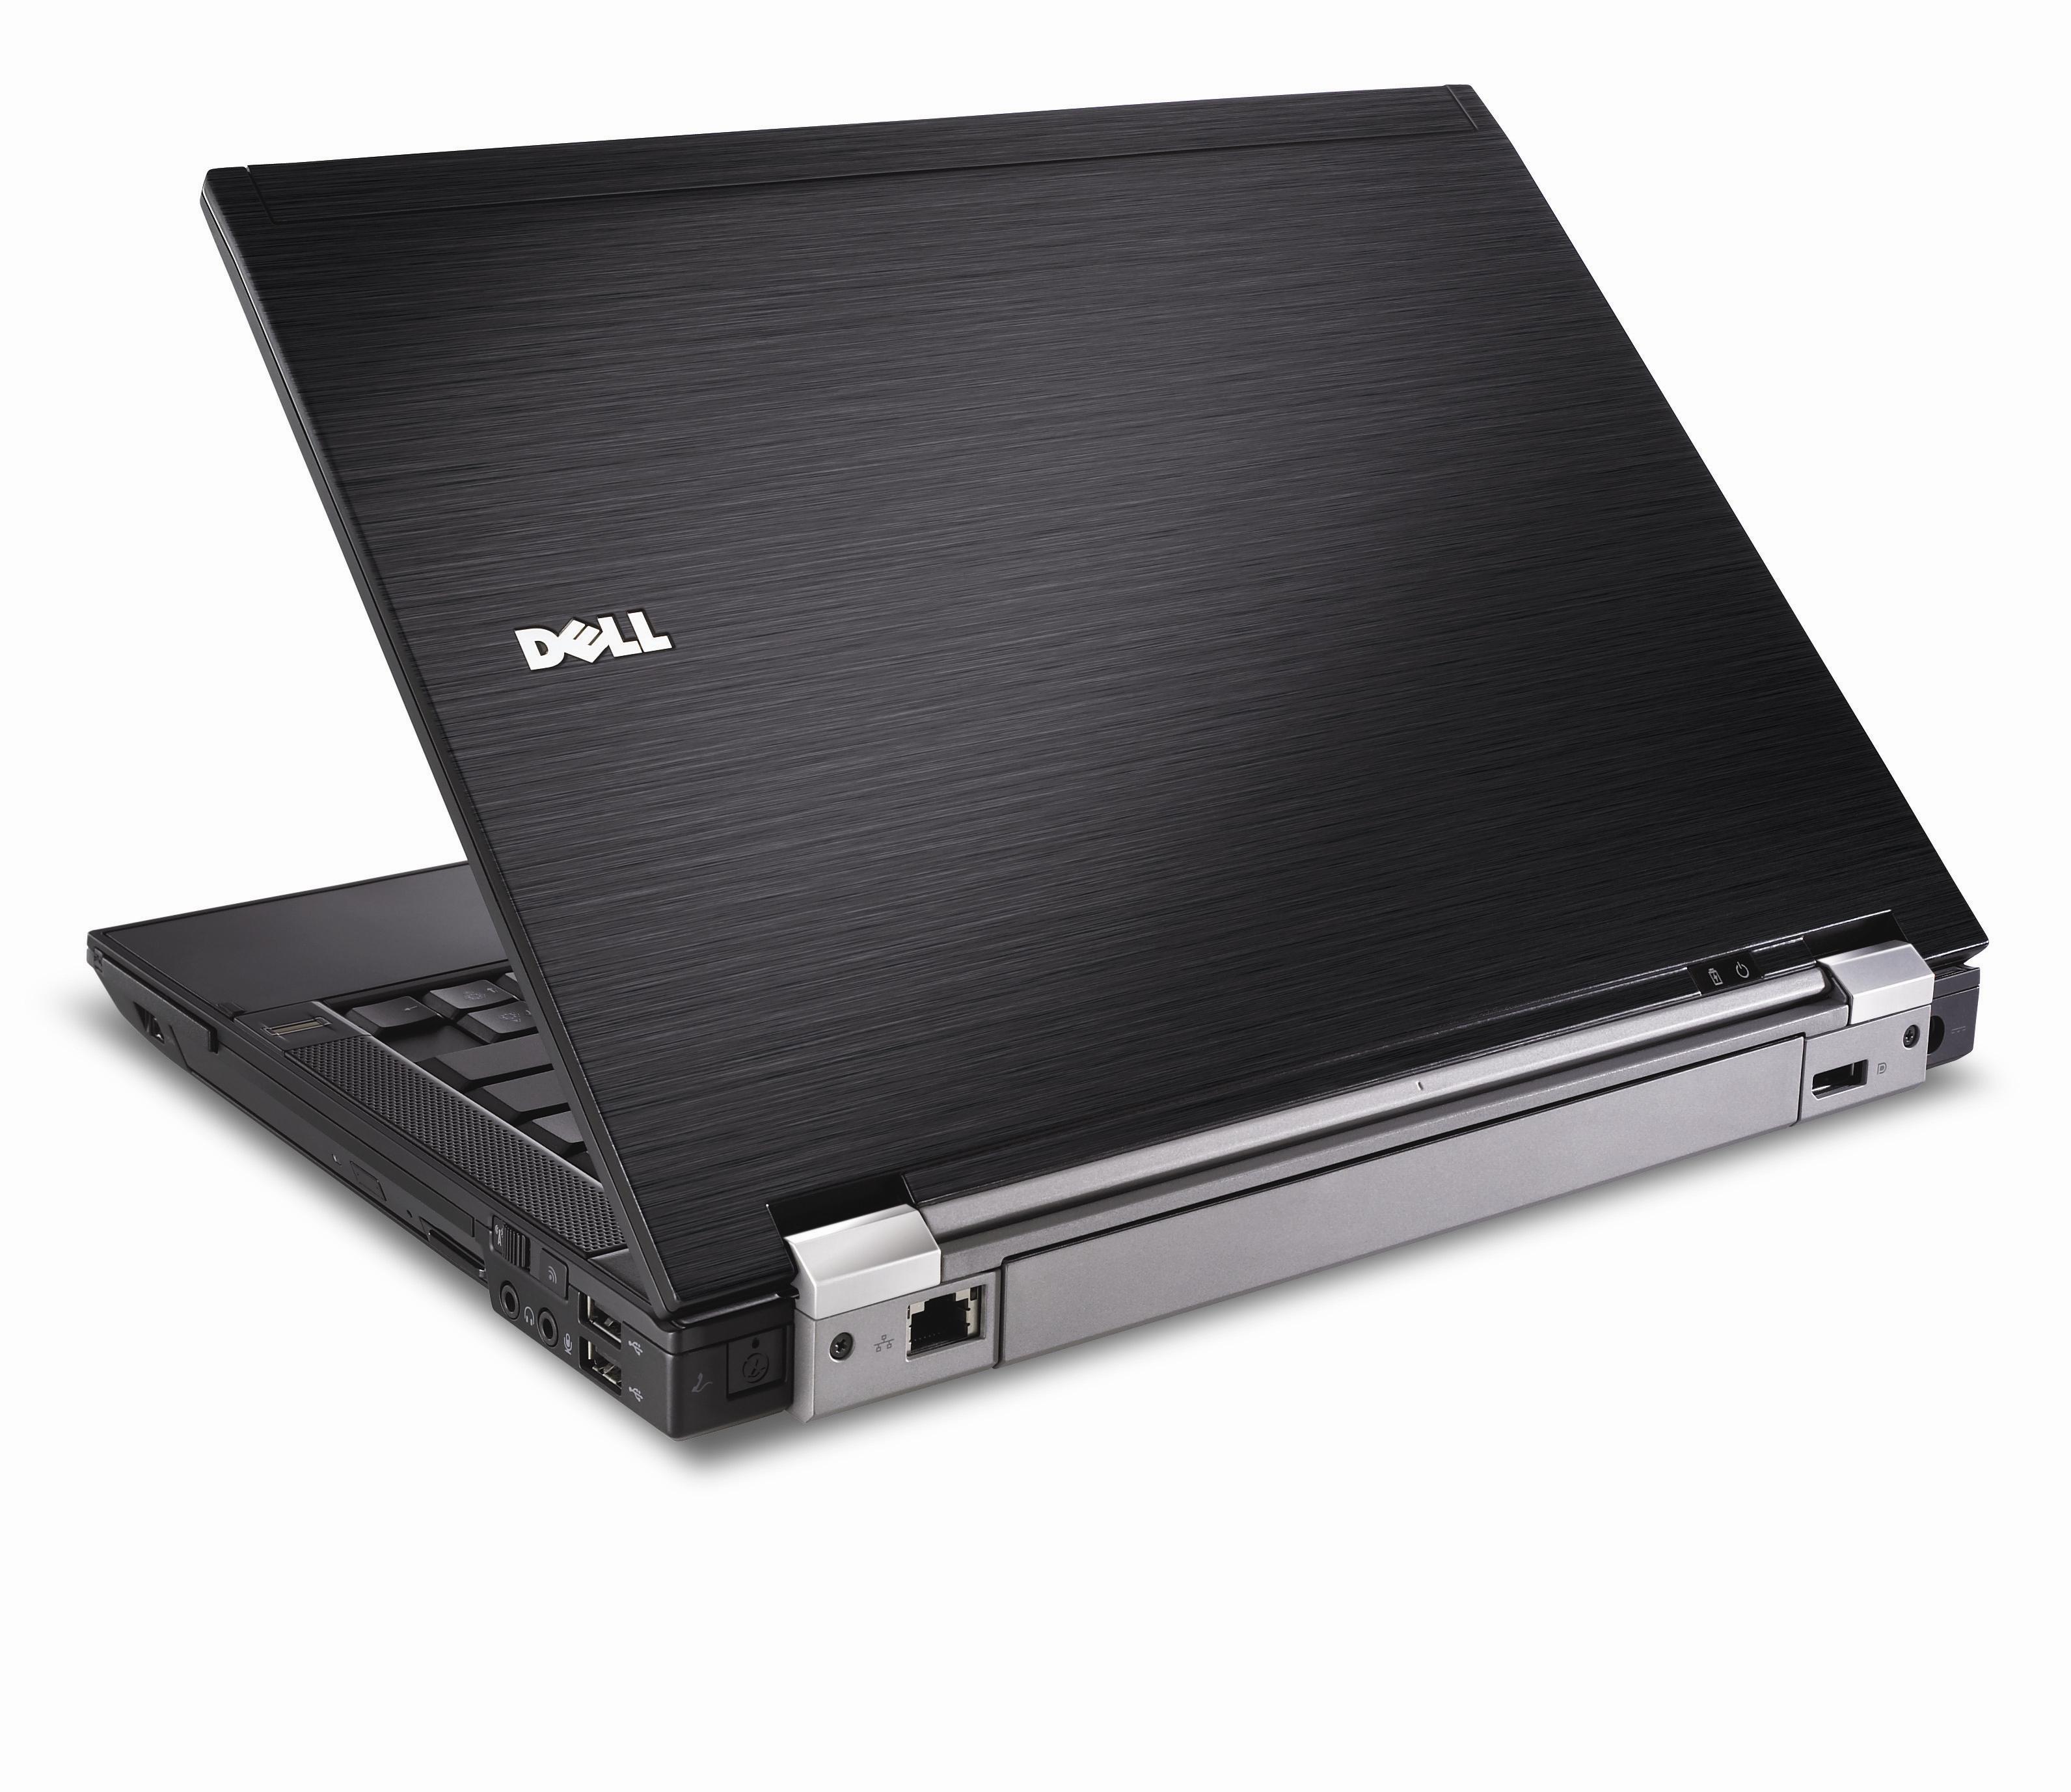 Laptop Dell Latitude E4300; Core 2 Duo 2.5 Ghz; 2 Gb; 80 Gb; Intel; Dvdrw; 13.3 Inch; Second-hand;